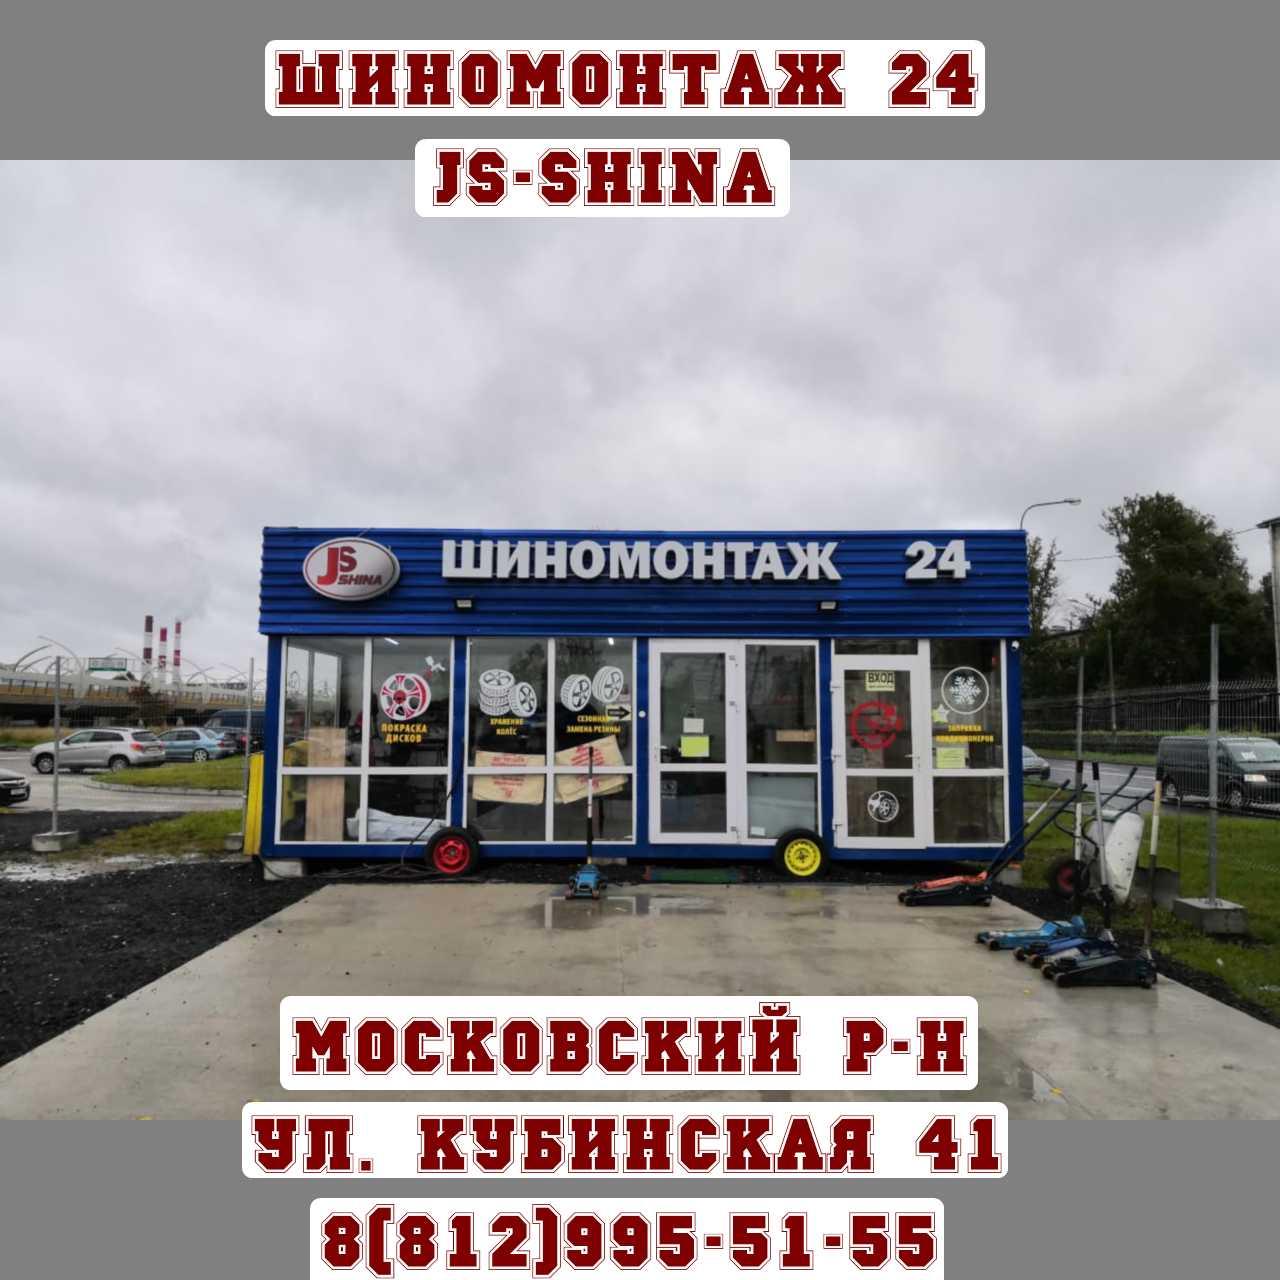 Шиномонтаж 24 часа в СПб Кубинская ул, д 41